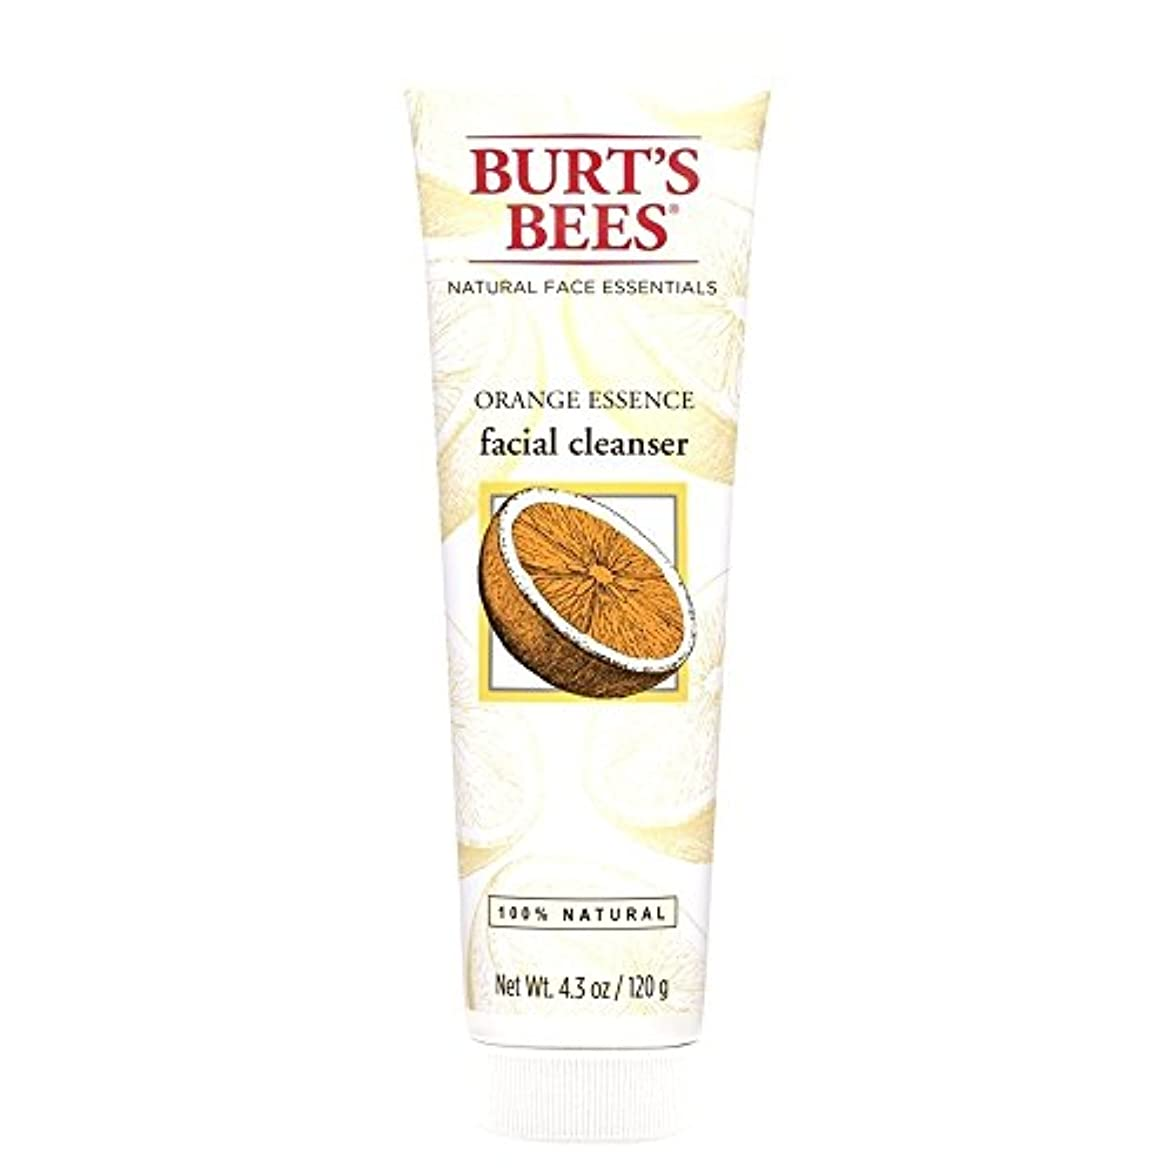 上級放棄デコードするバーツビーオレンジエッセンス洗顔料、125グラム (Burt's Bees) (x2) - Burt's Bees Orange Essence Facial Cleanser, 125g (Pack of 2) [並行輸入品]